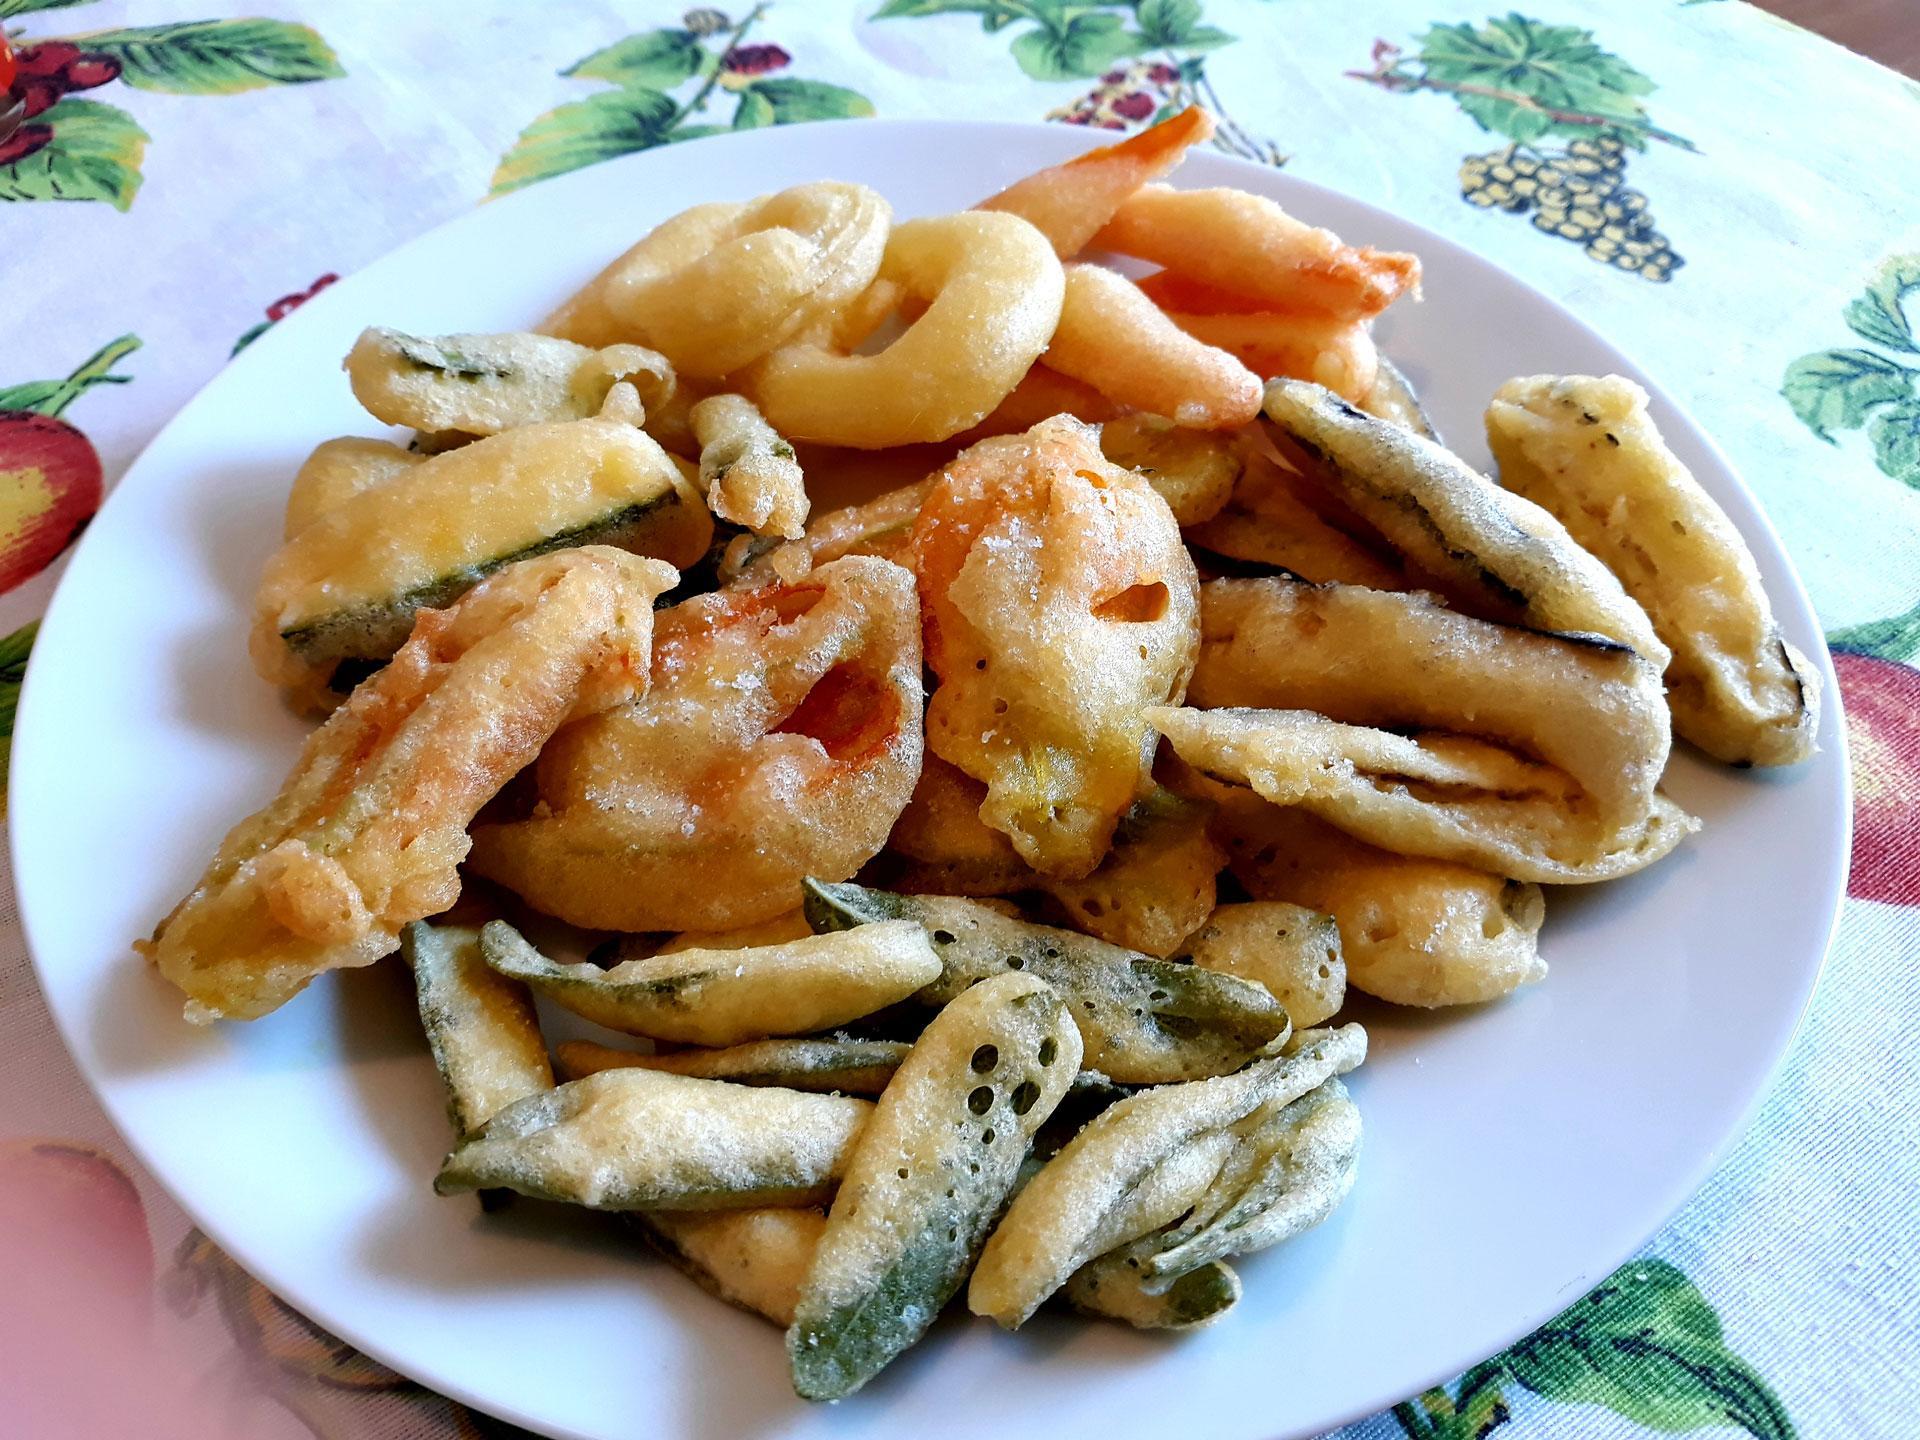 Verdure varie fritte in pastella